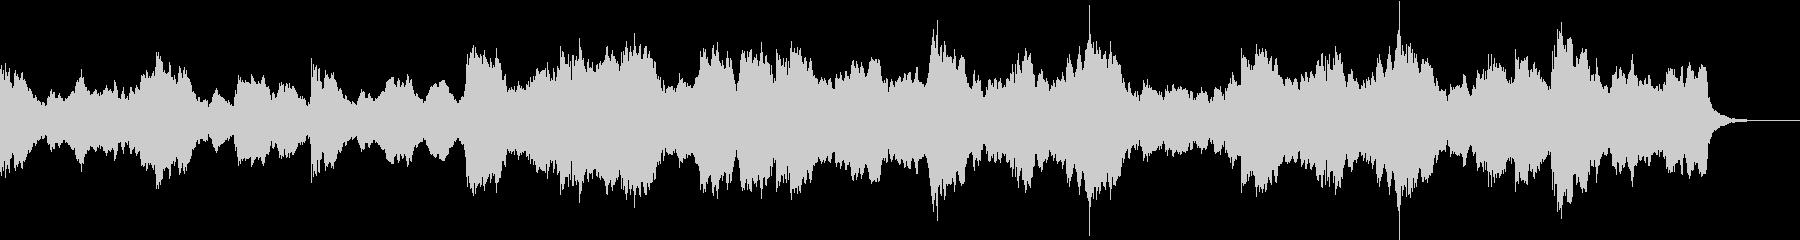 重厚で地響きのようなチェロライクなBGMの未再生の波形